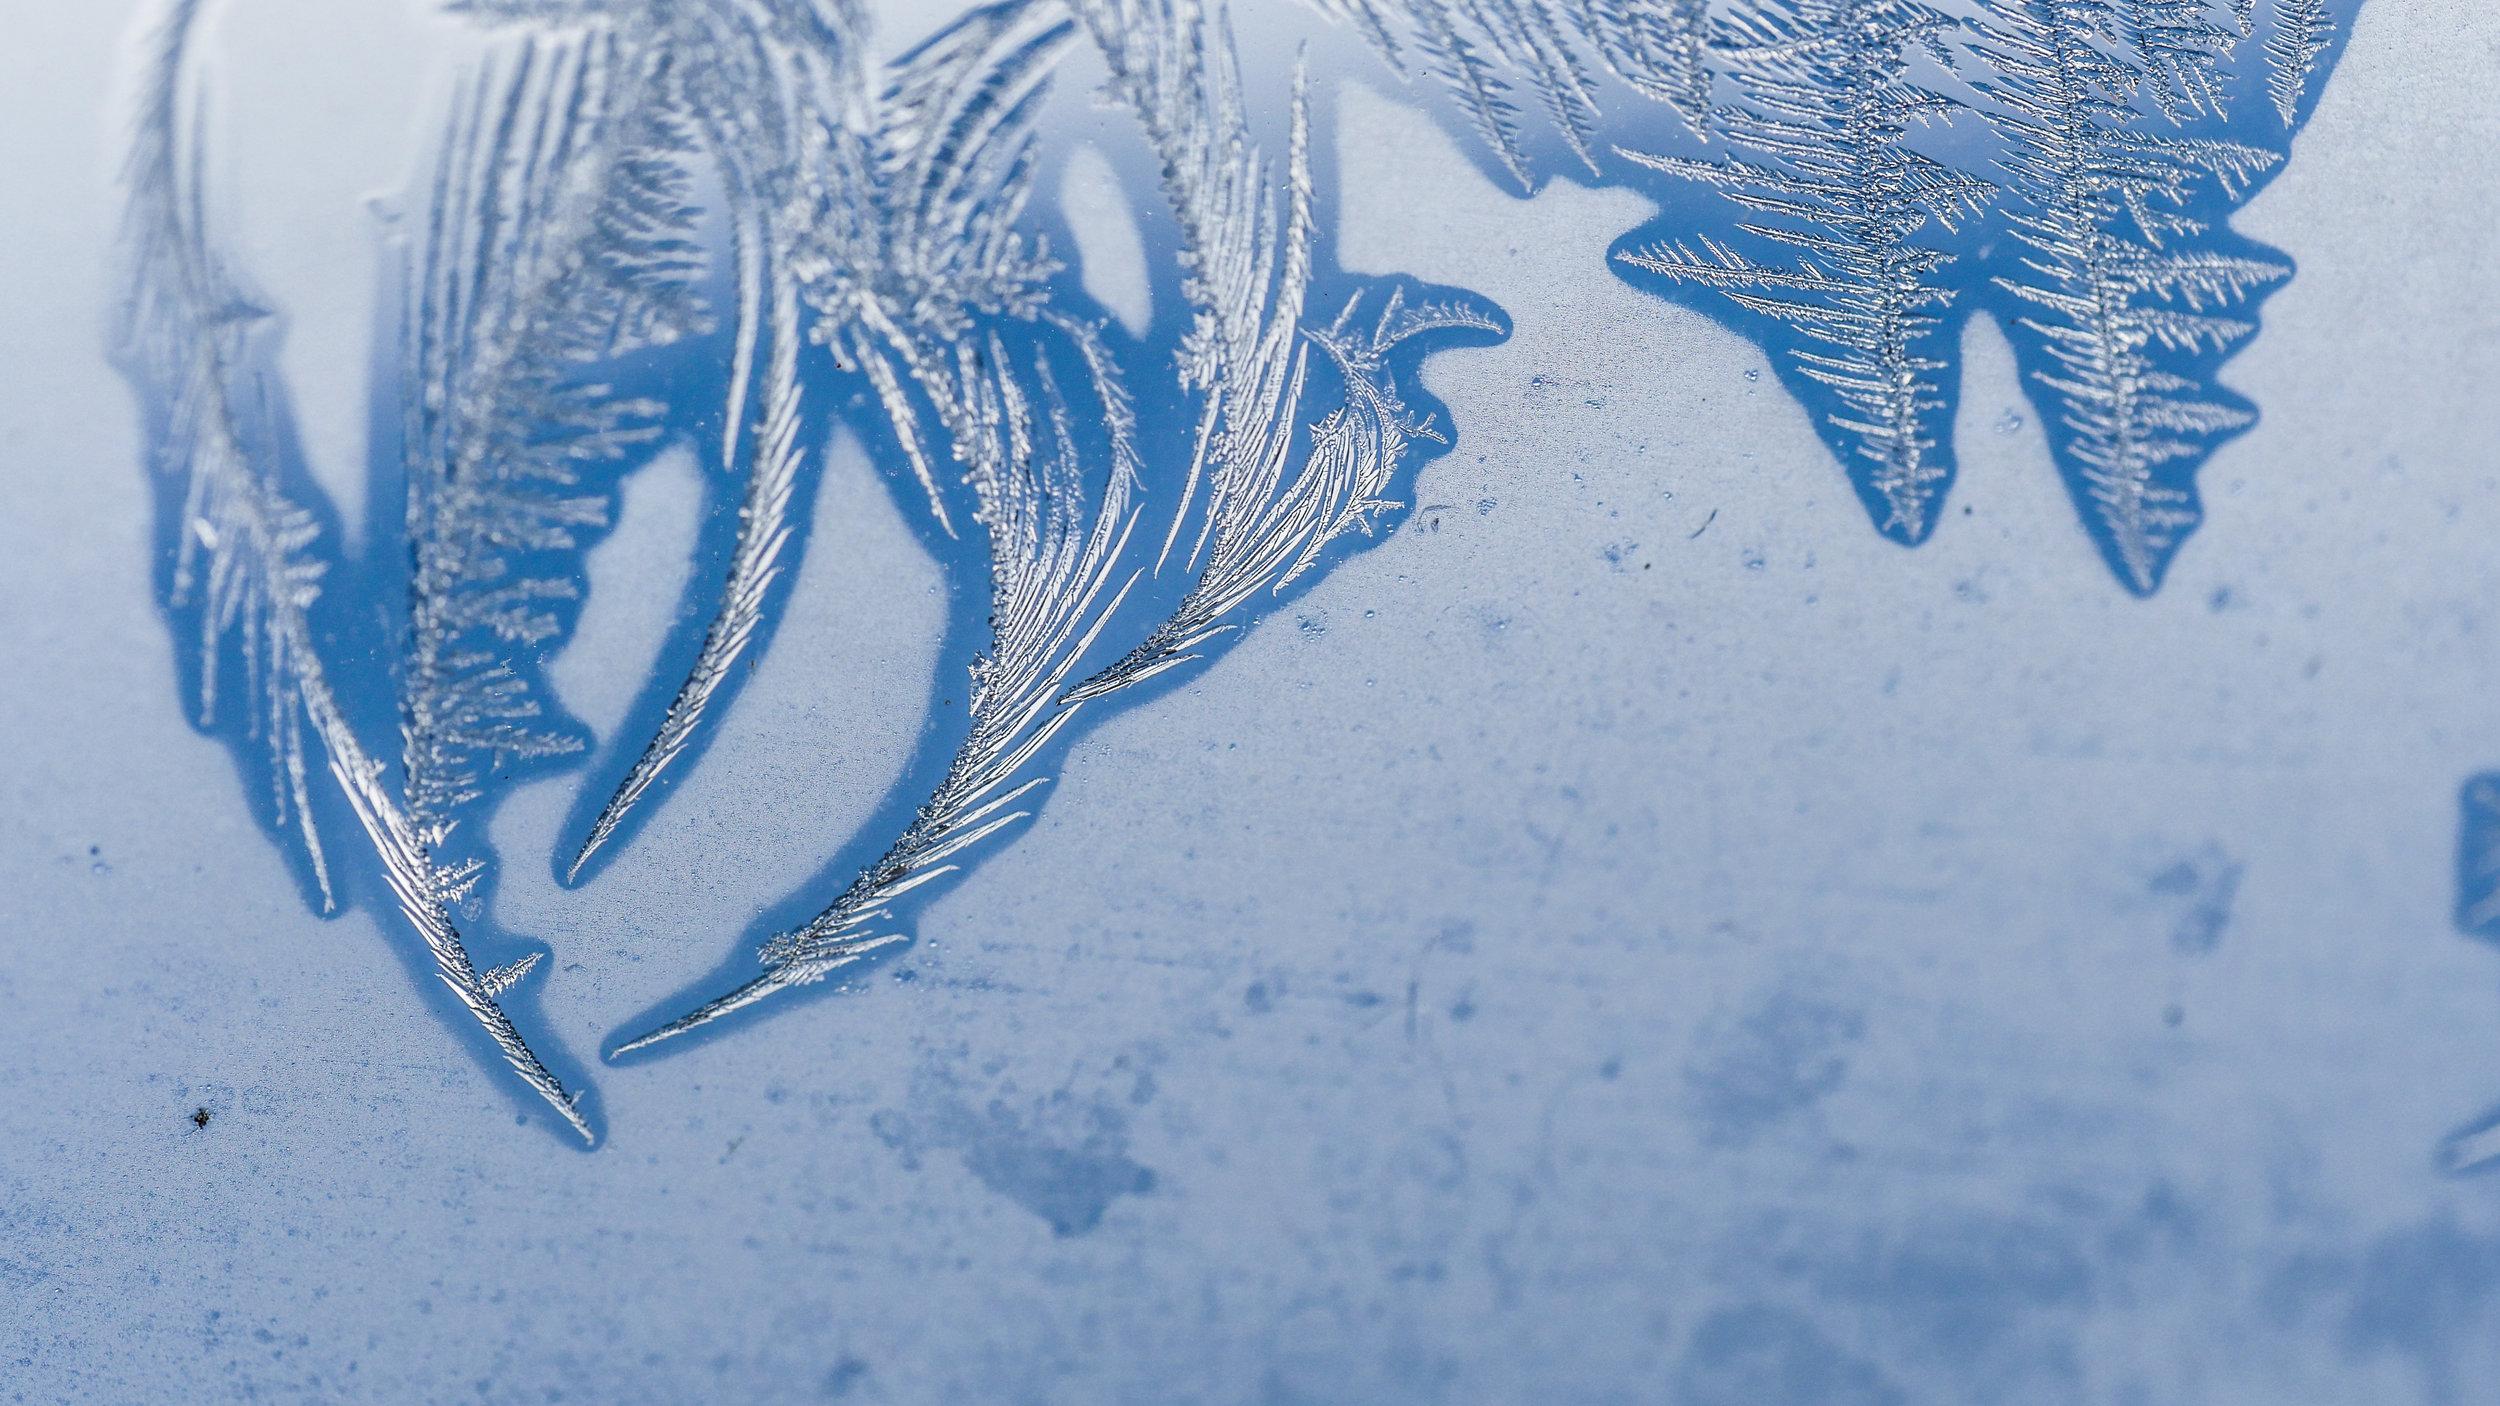 FrostedWindowPanes-3.jpg